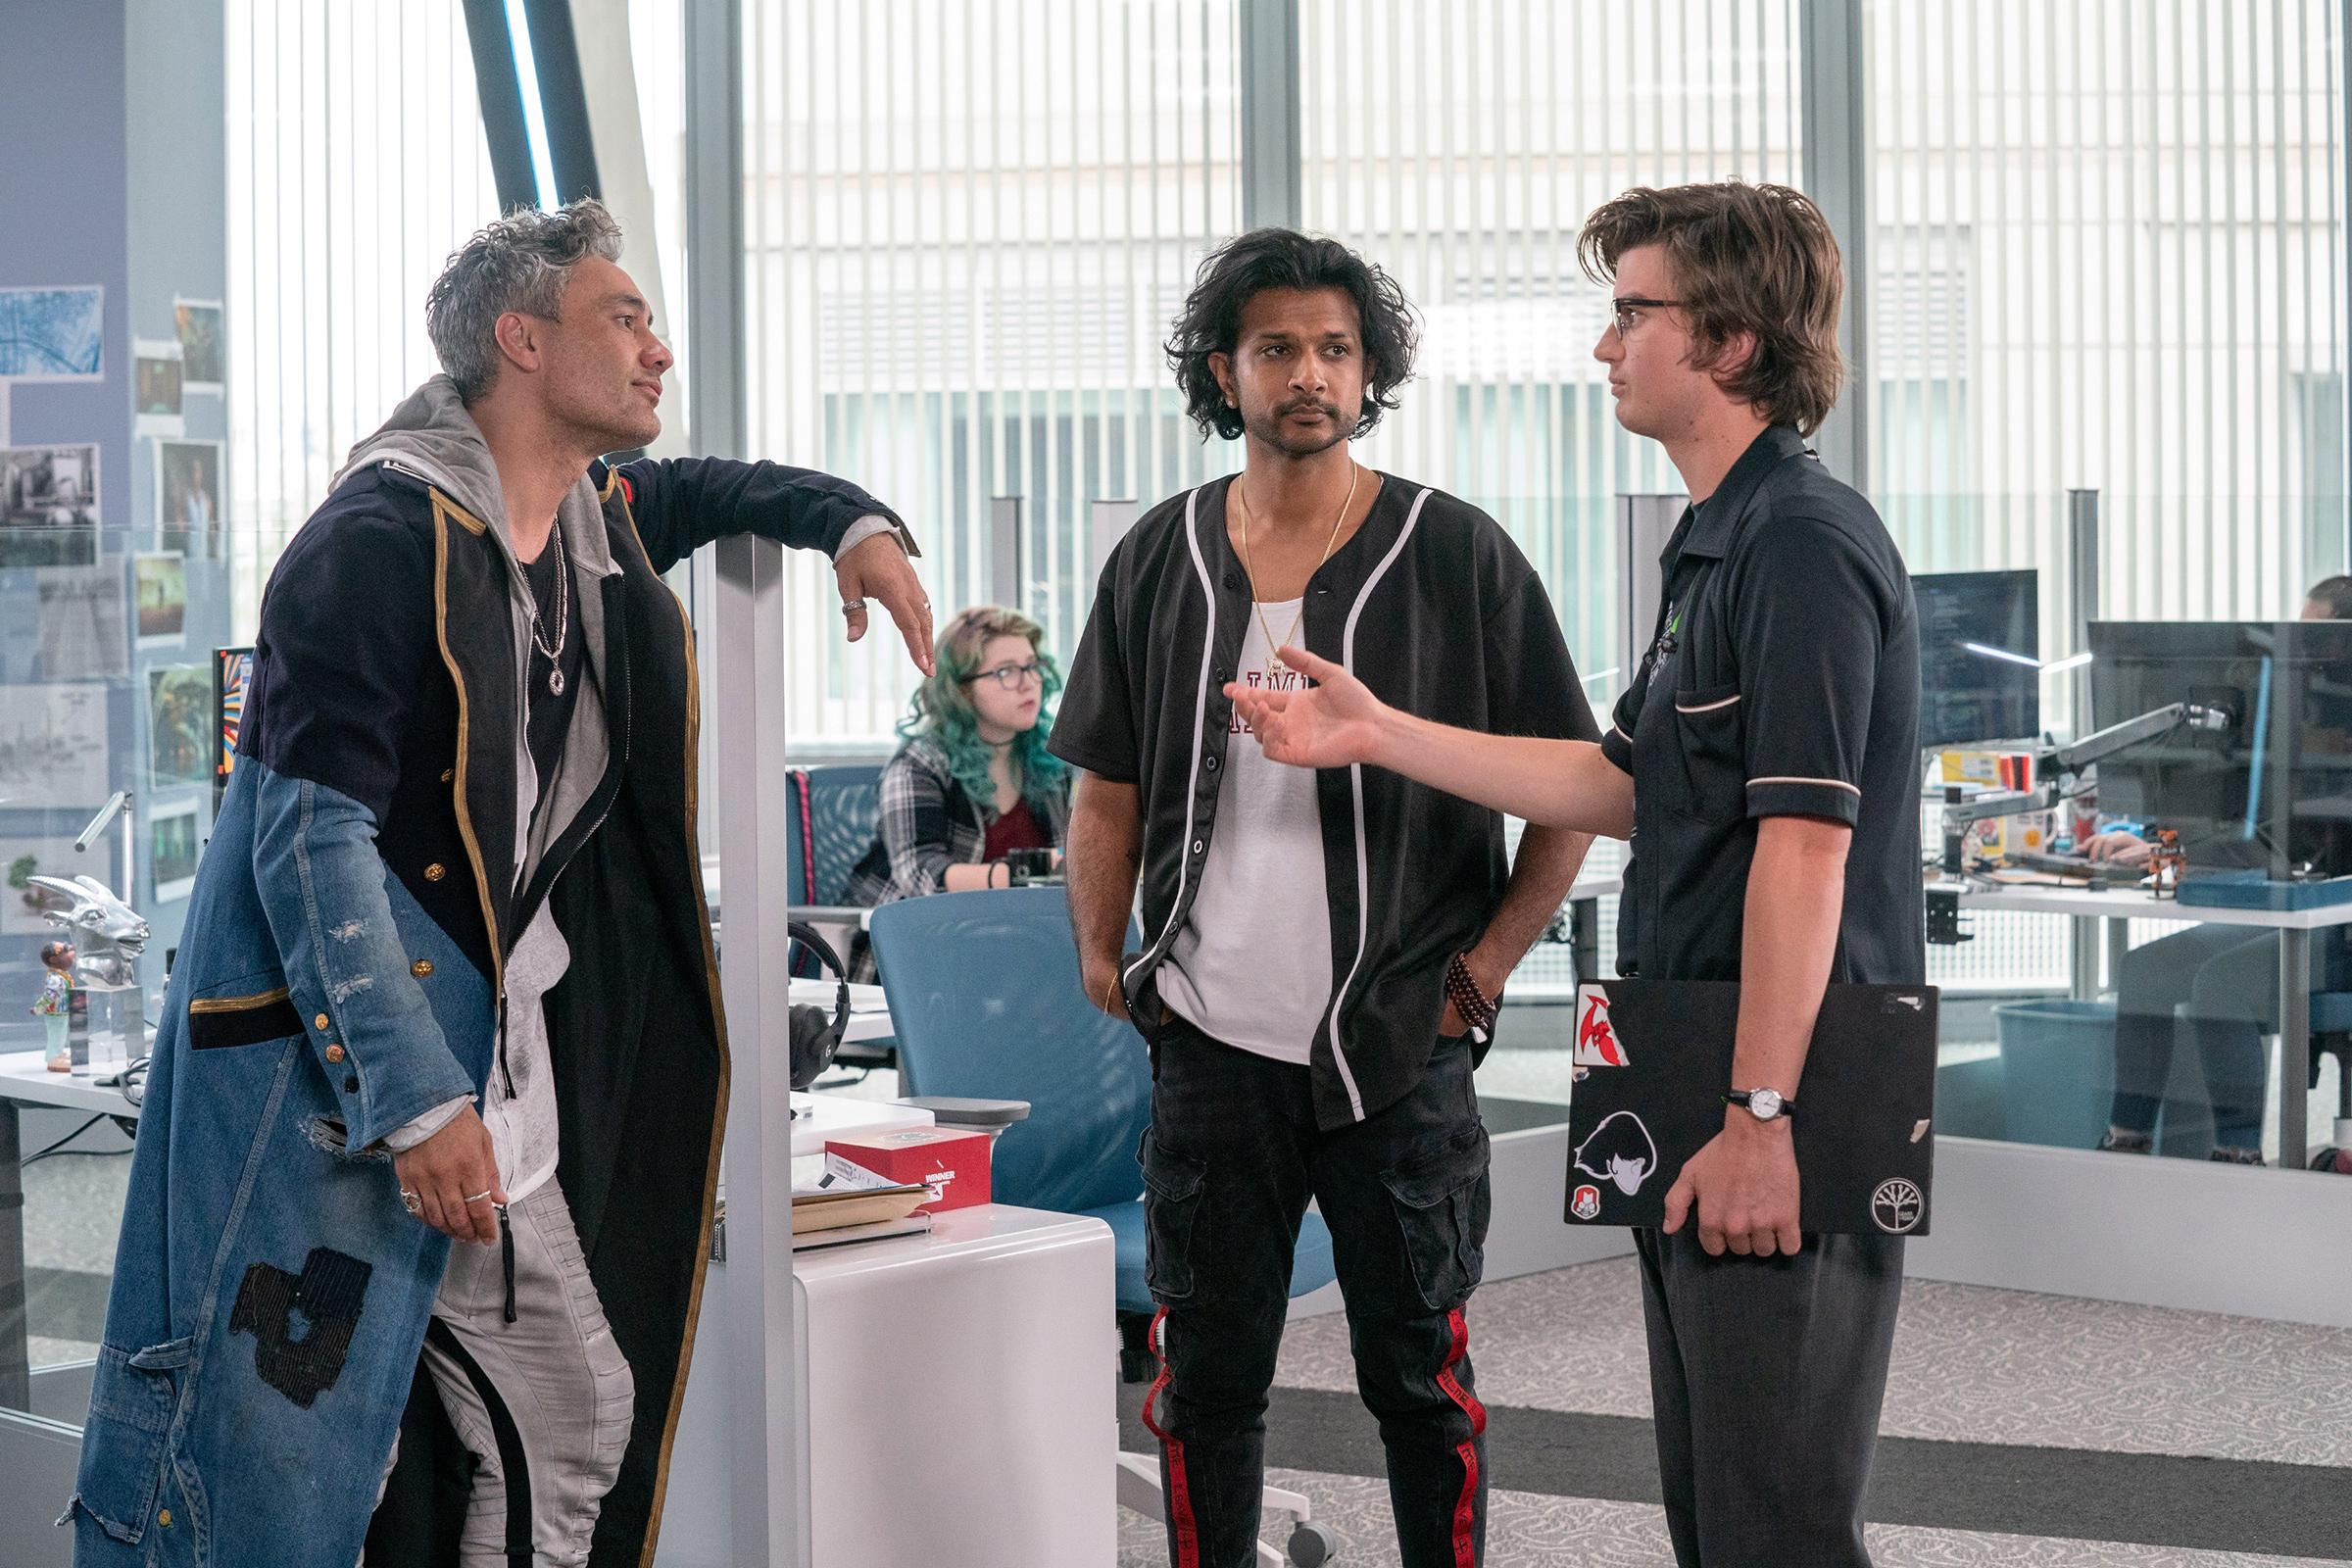 من اليسار: تايكا وايتيتي ، أوتكارش أمبودكار ، جو كيري.